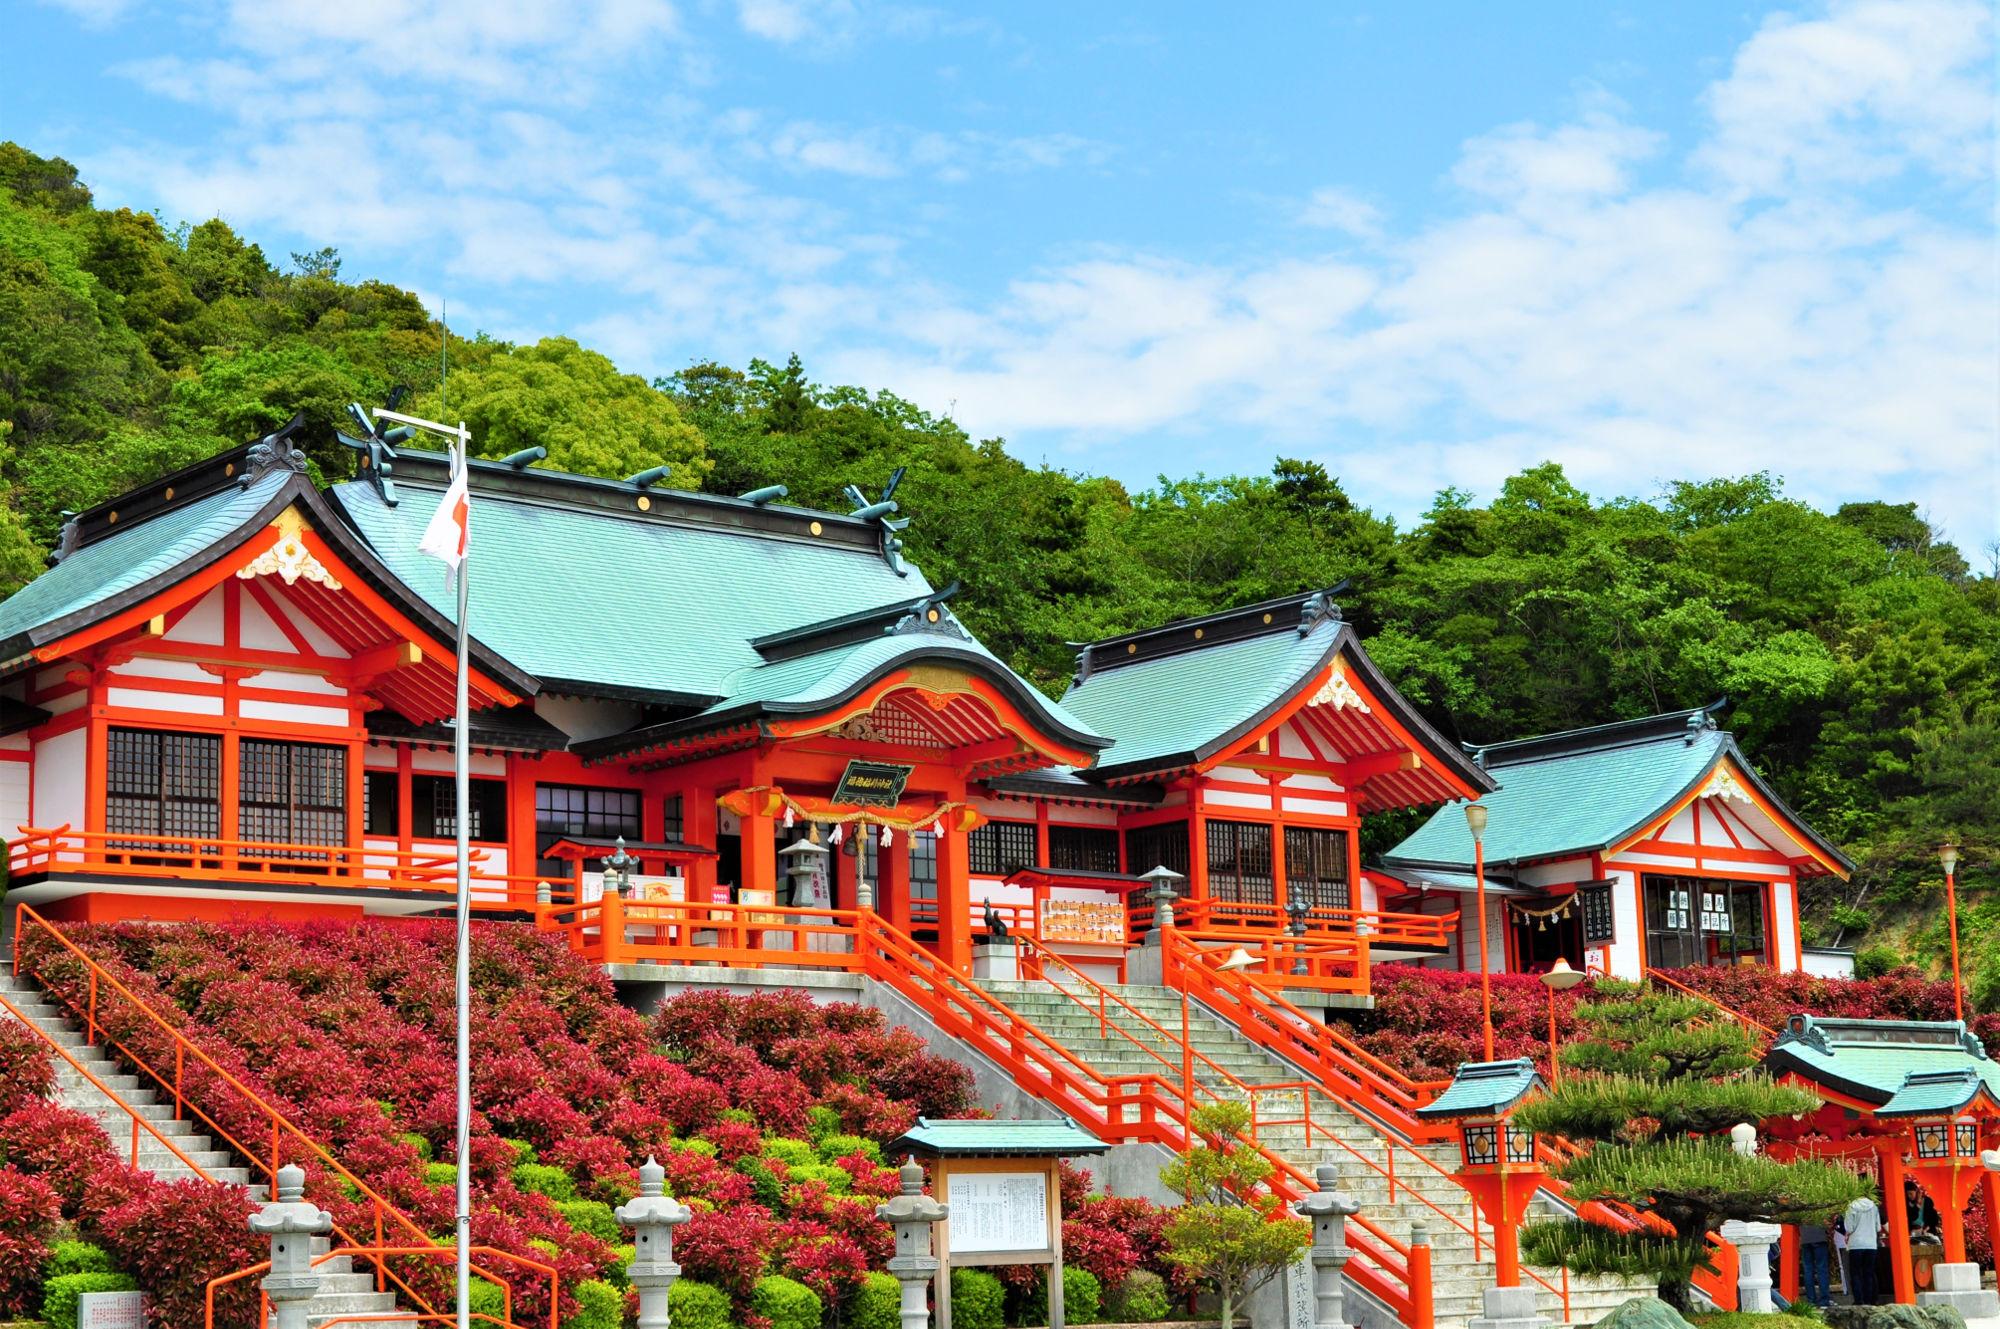 福徳稲荷神社(ふくとくいなりじんじゃ)